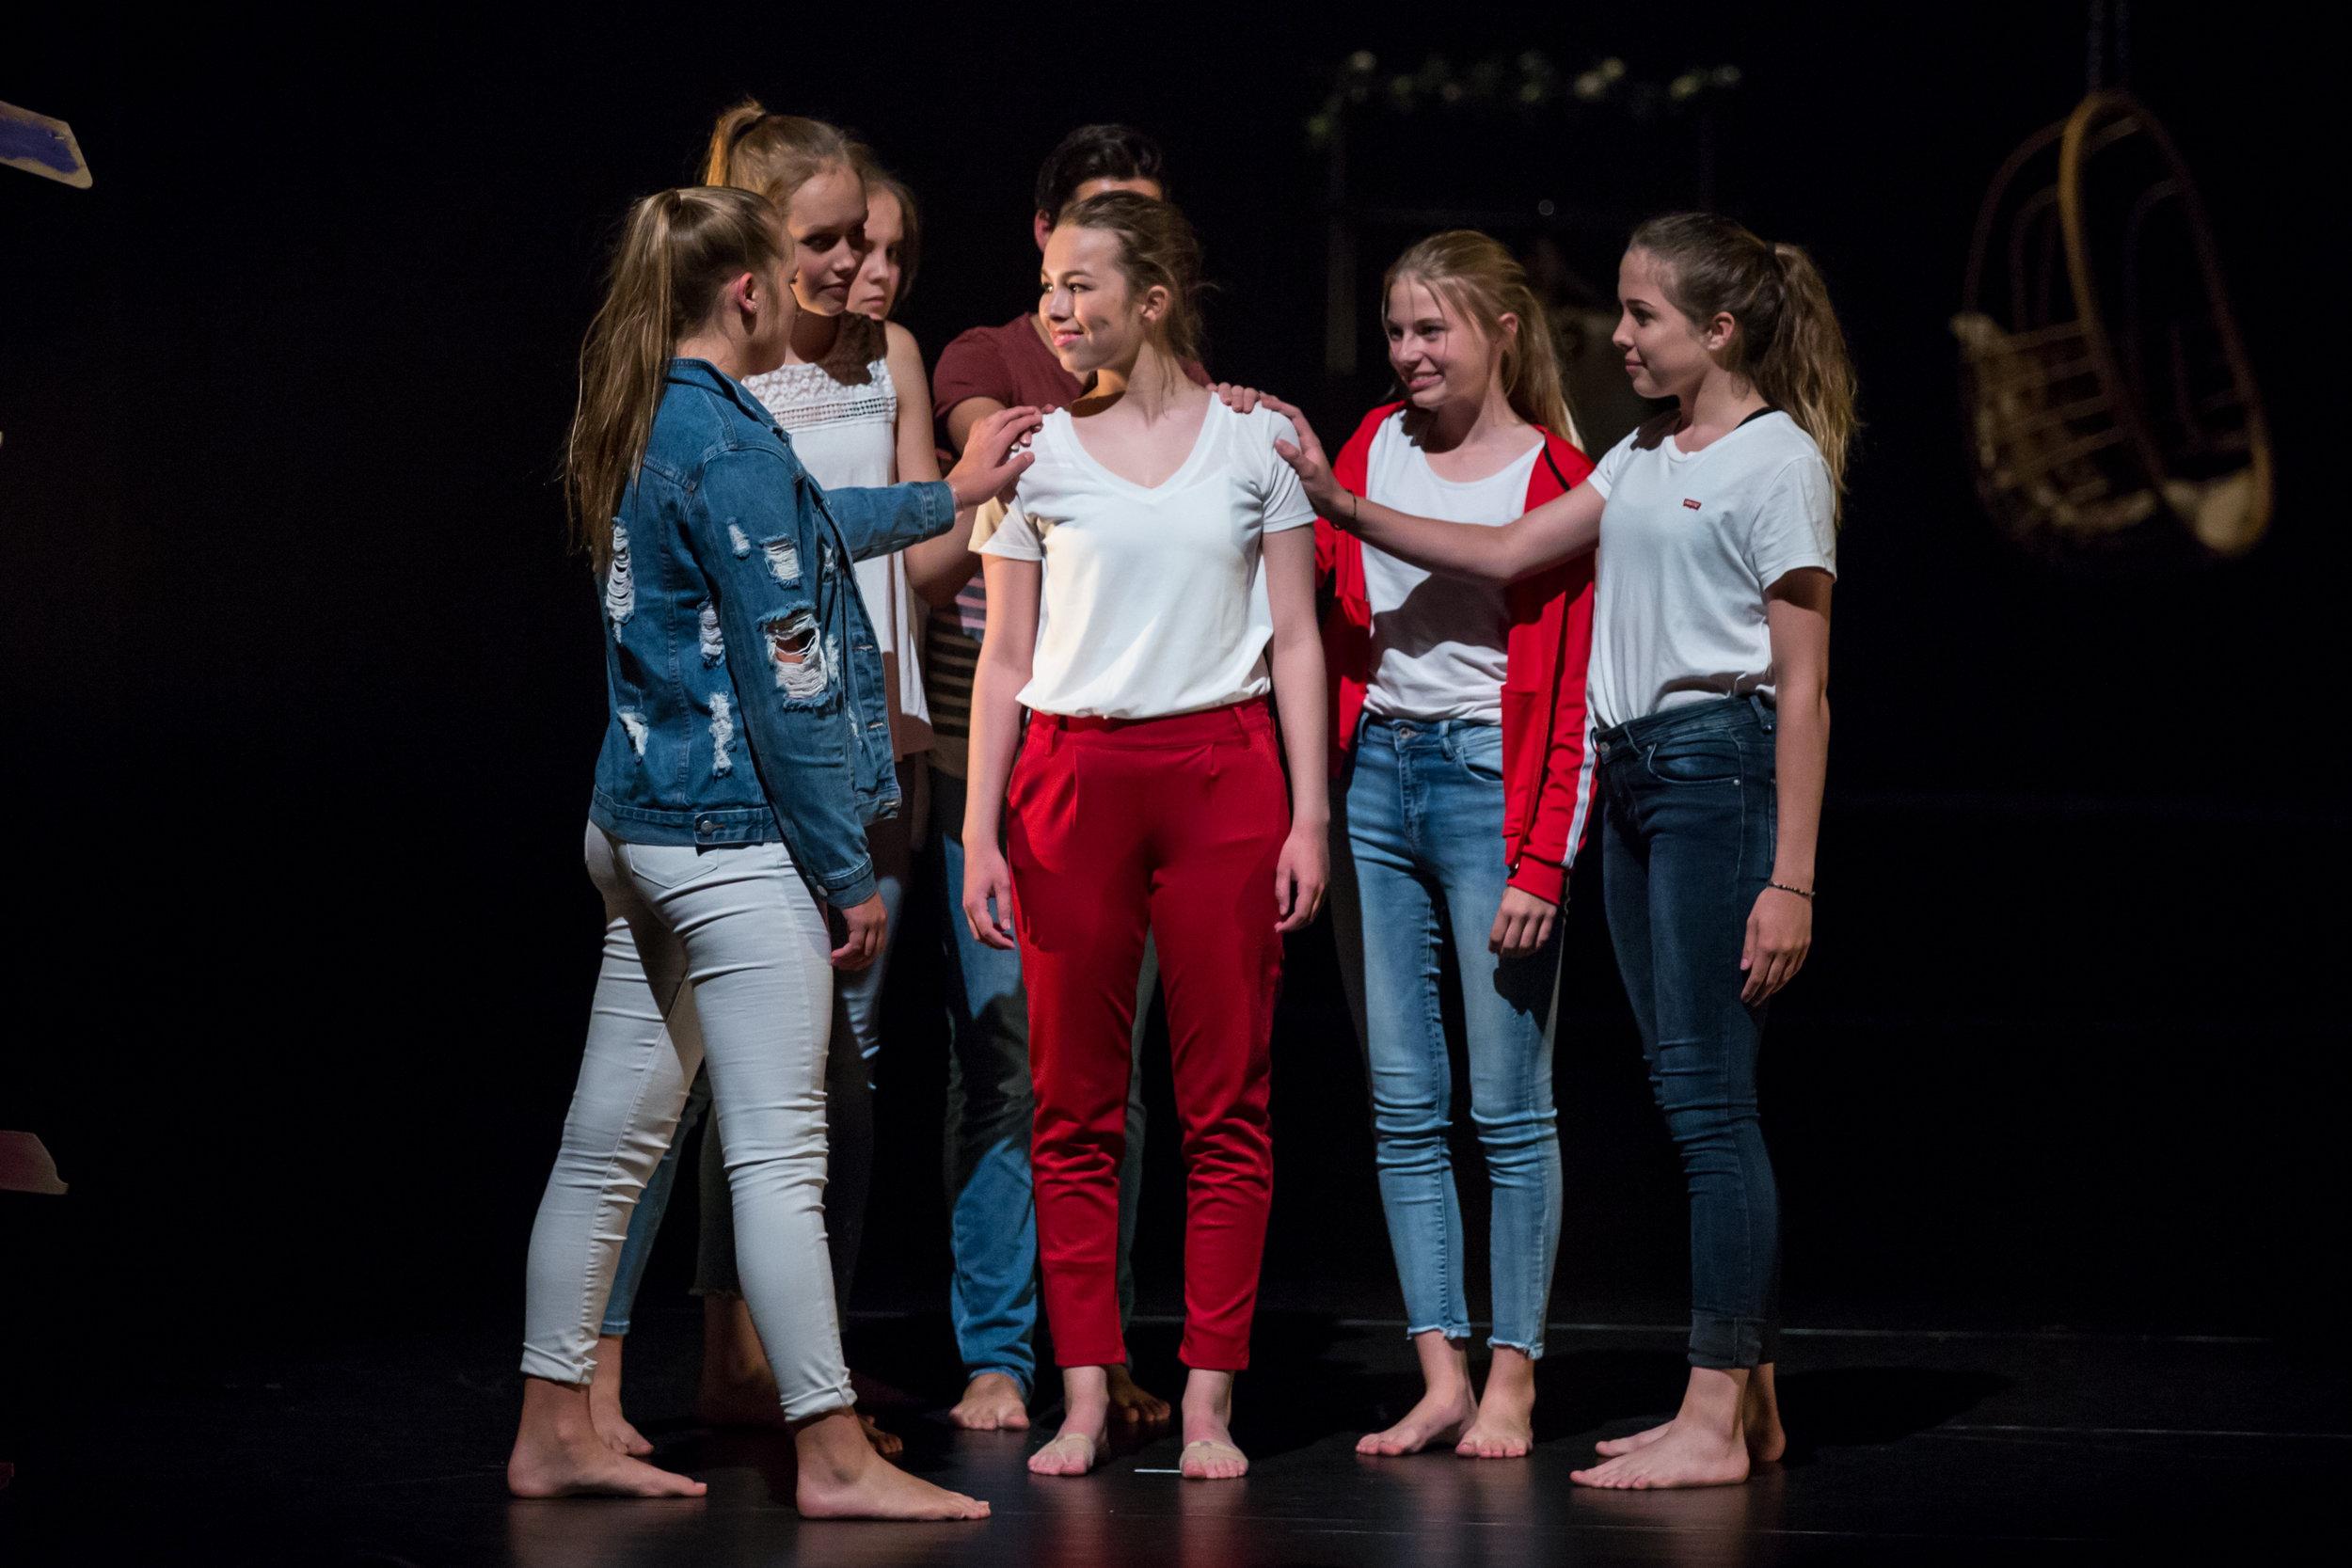 Acteerklas in Orpheus te Apeldoorn. Fotograaf: Gerda van Loo